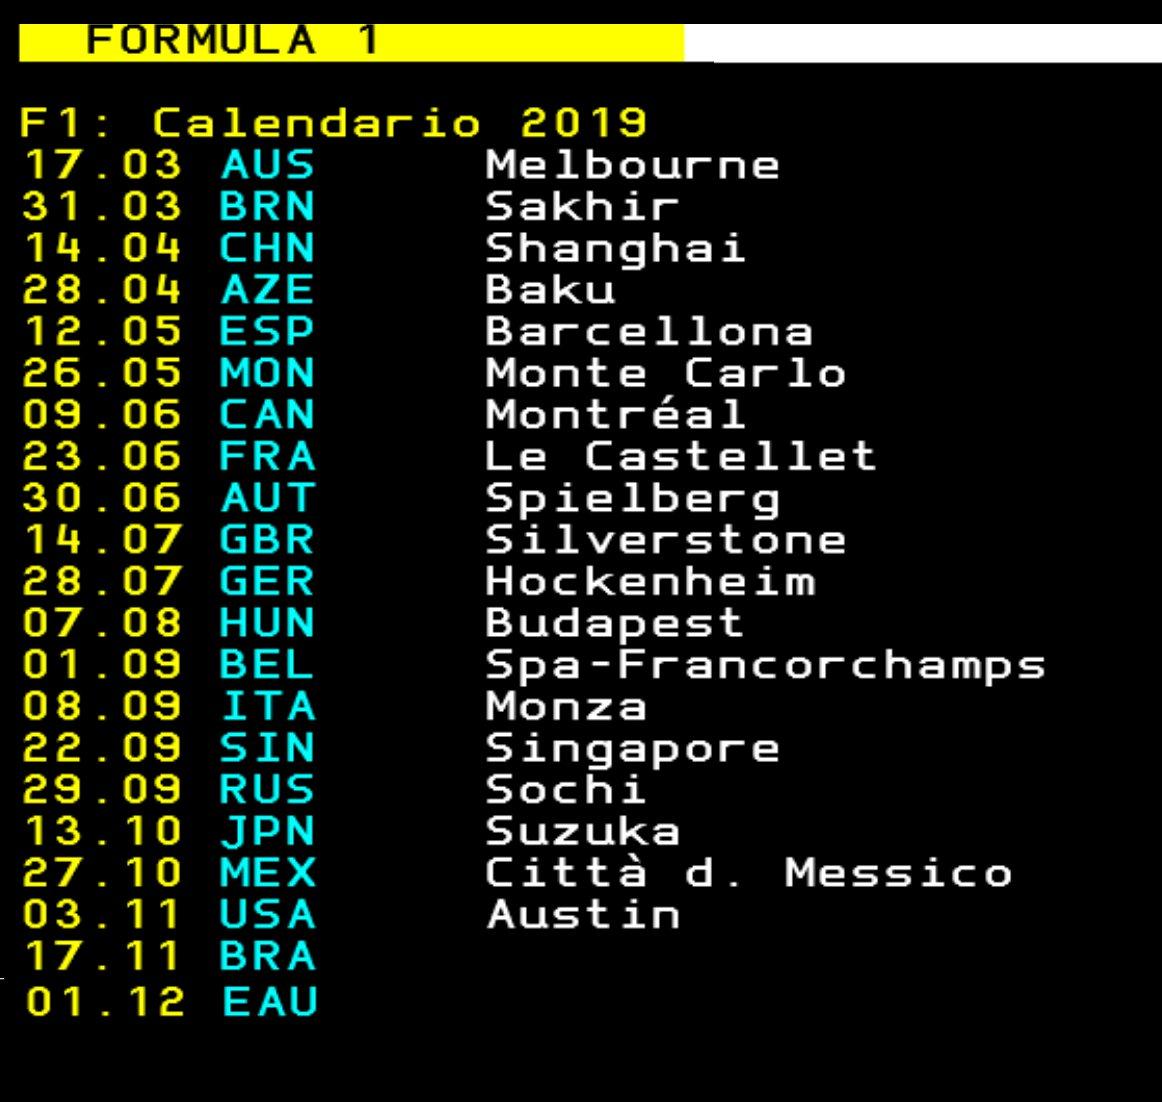 """❌ Av. Özgür Ozan 🏆🥇 auf Twitter: """"Formula 1'de 2019 takvimi açıklandı.  Dünyanın internetten sonraki en önemli 2. buluşundan da destek alarak  listeyi toplu olarak paylaşıyorum. #Formula1 #F1 #2019 #Takvim #Calendar…  https://t.co/cX6QLKq72Q"""""""